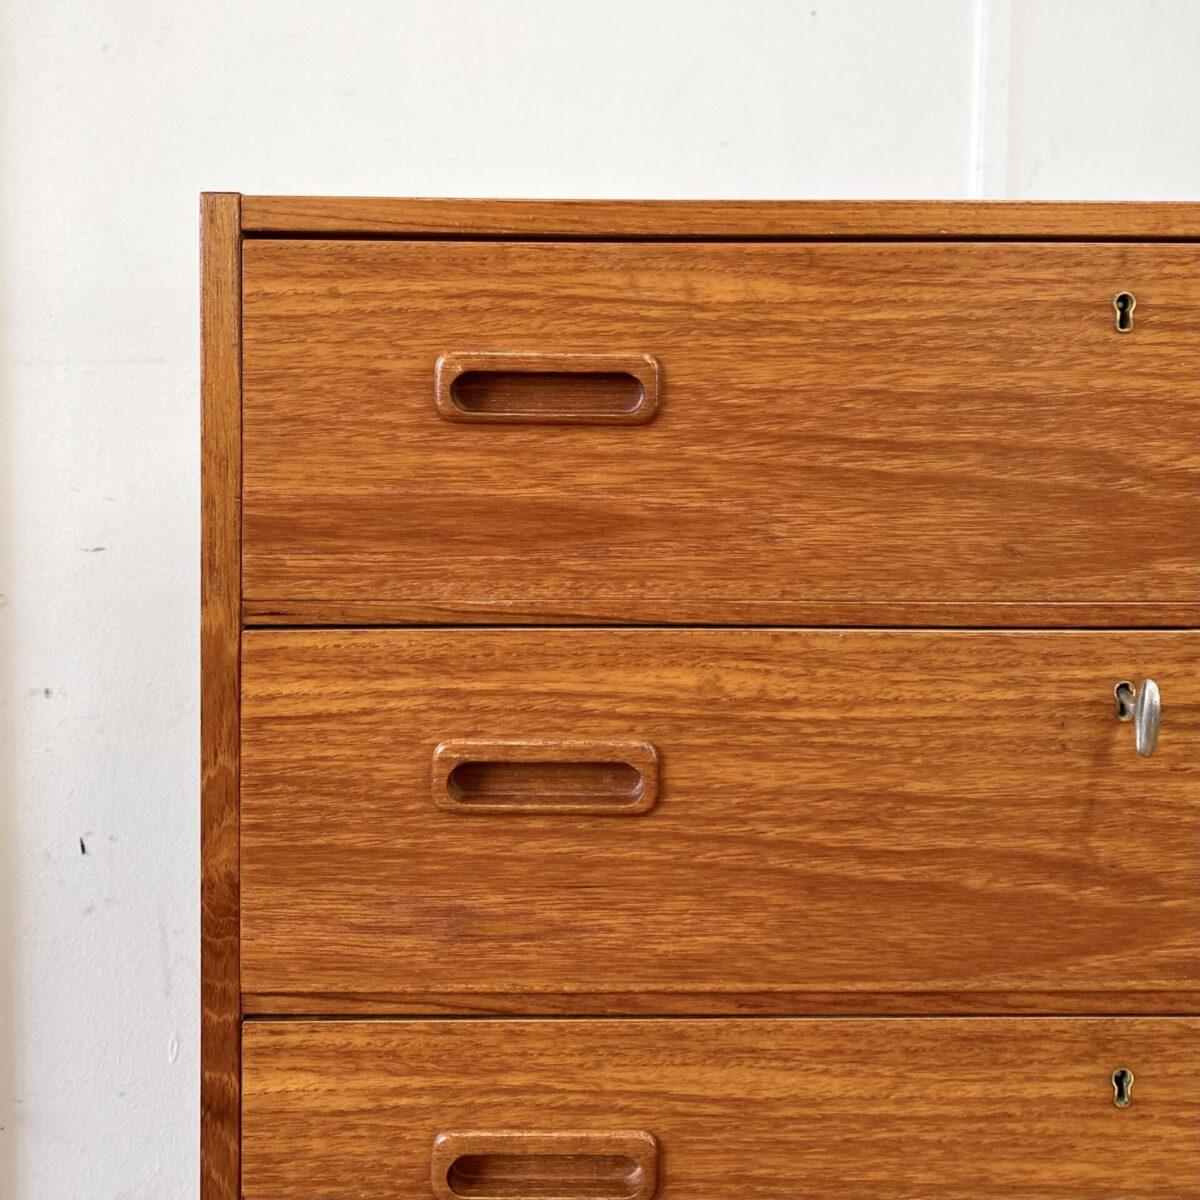 Deuxieme.shop vintage highboard made in denmark. Sideboard 60er Jahre. Midcentury Teak Kommode. 75.5x37.5cm Höhe 104.5cm. Das Möbel hat diverse kleinere Abnutzungsspuren, technisch in stabilem Zustand. Die 6 Schubladen laufen gut und sind abschliessbar.